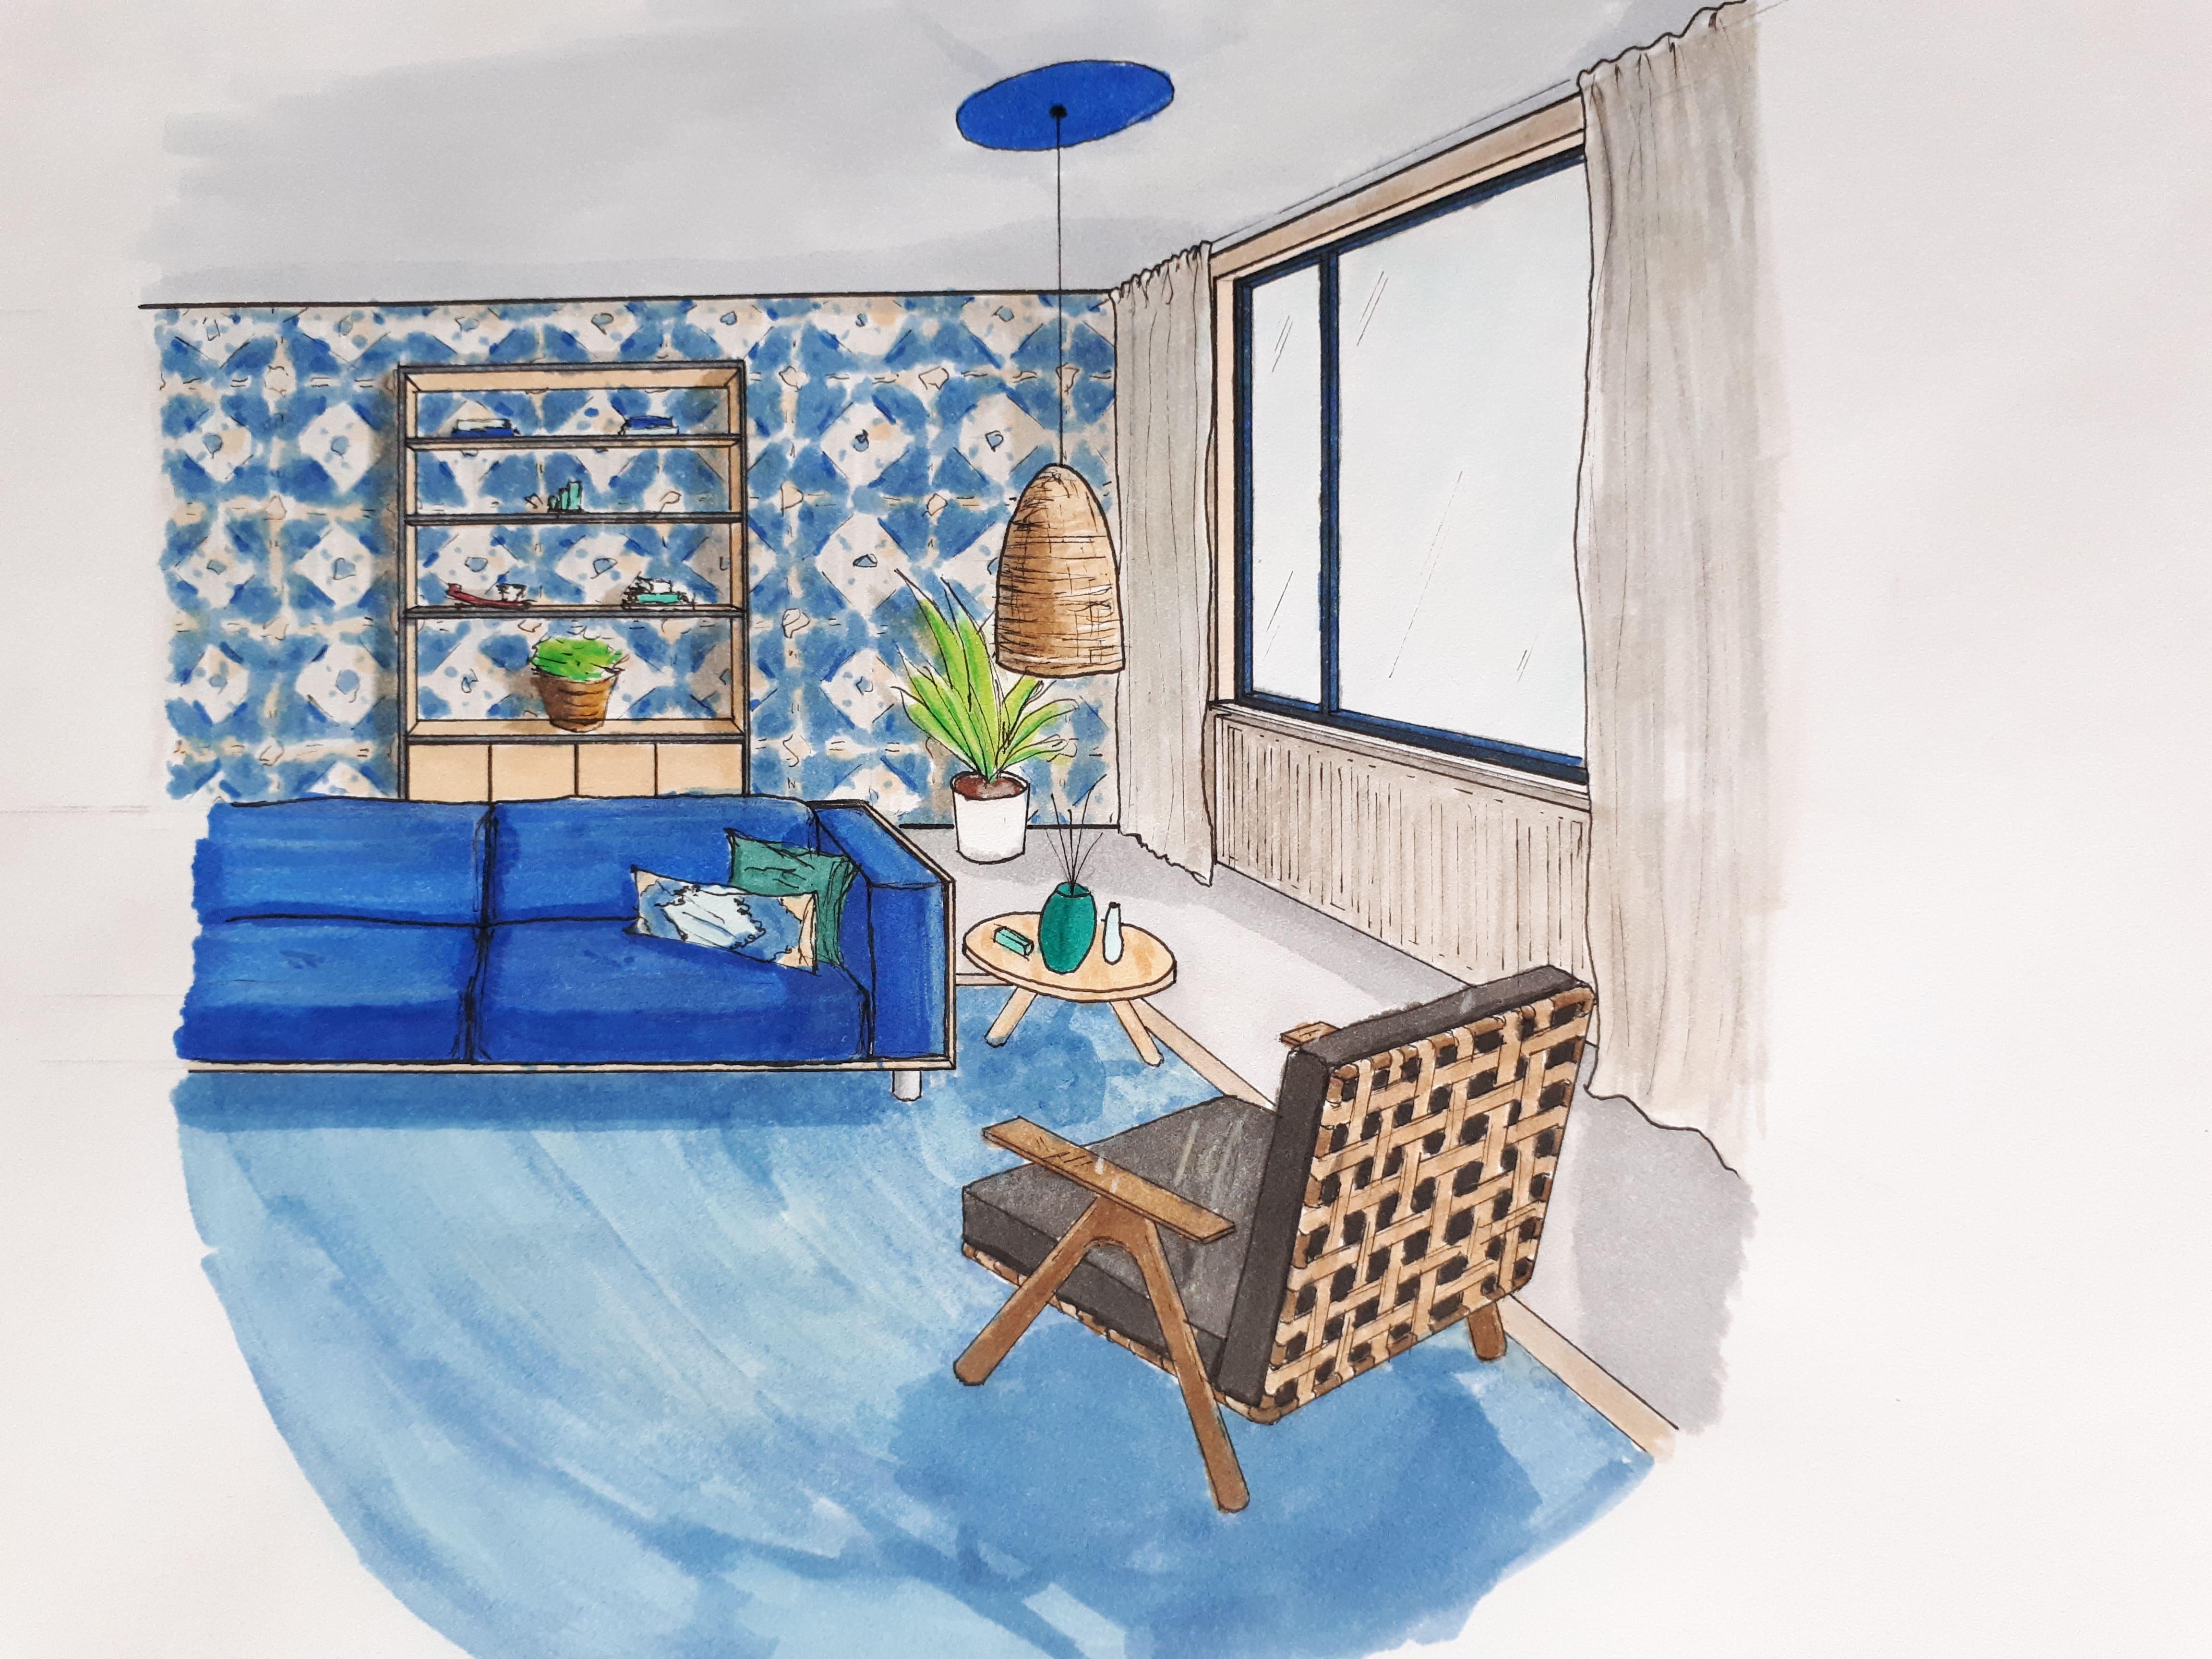 Hoe gebruik ik dessins in mijn woonkamer